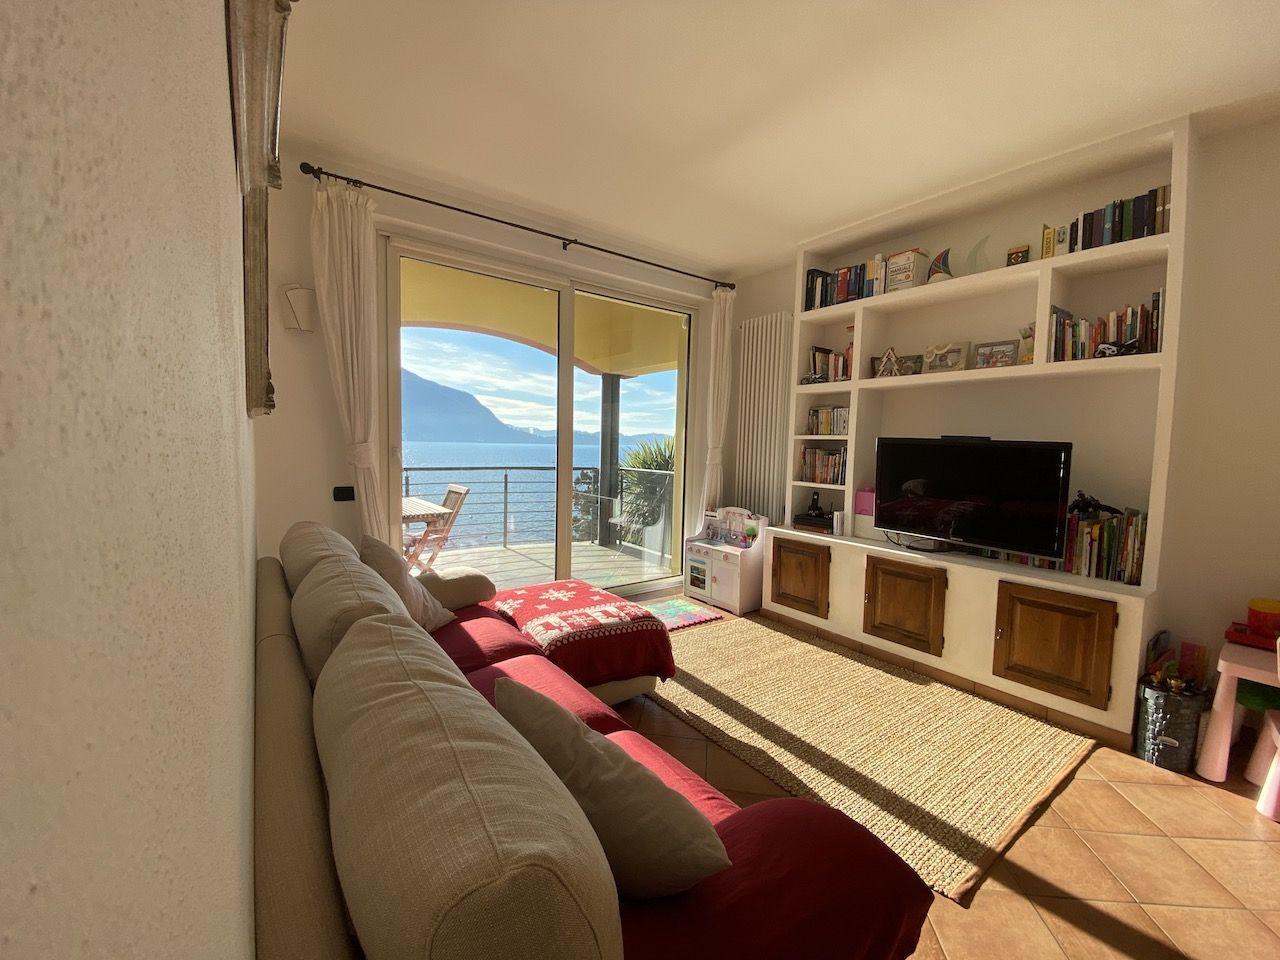 Ghiffa vendesi appartamento trilocale vista lago